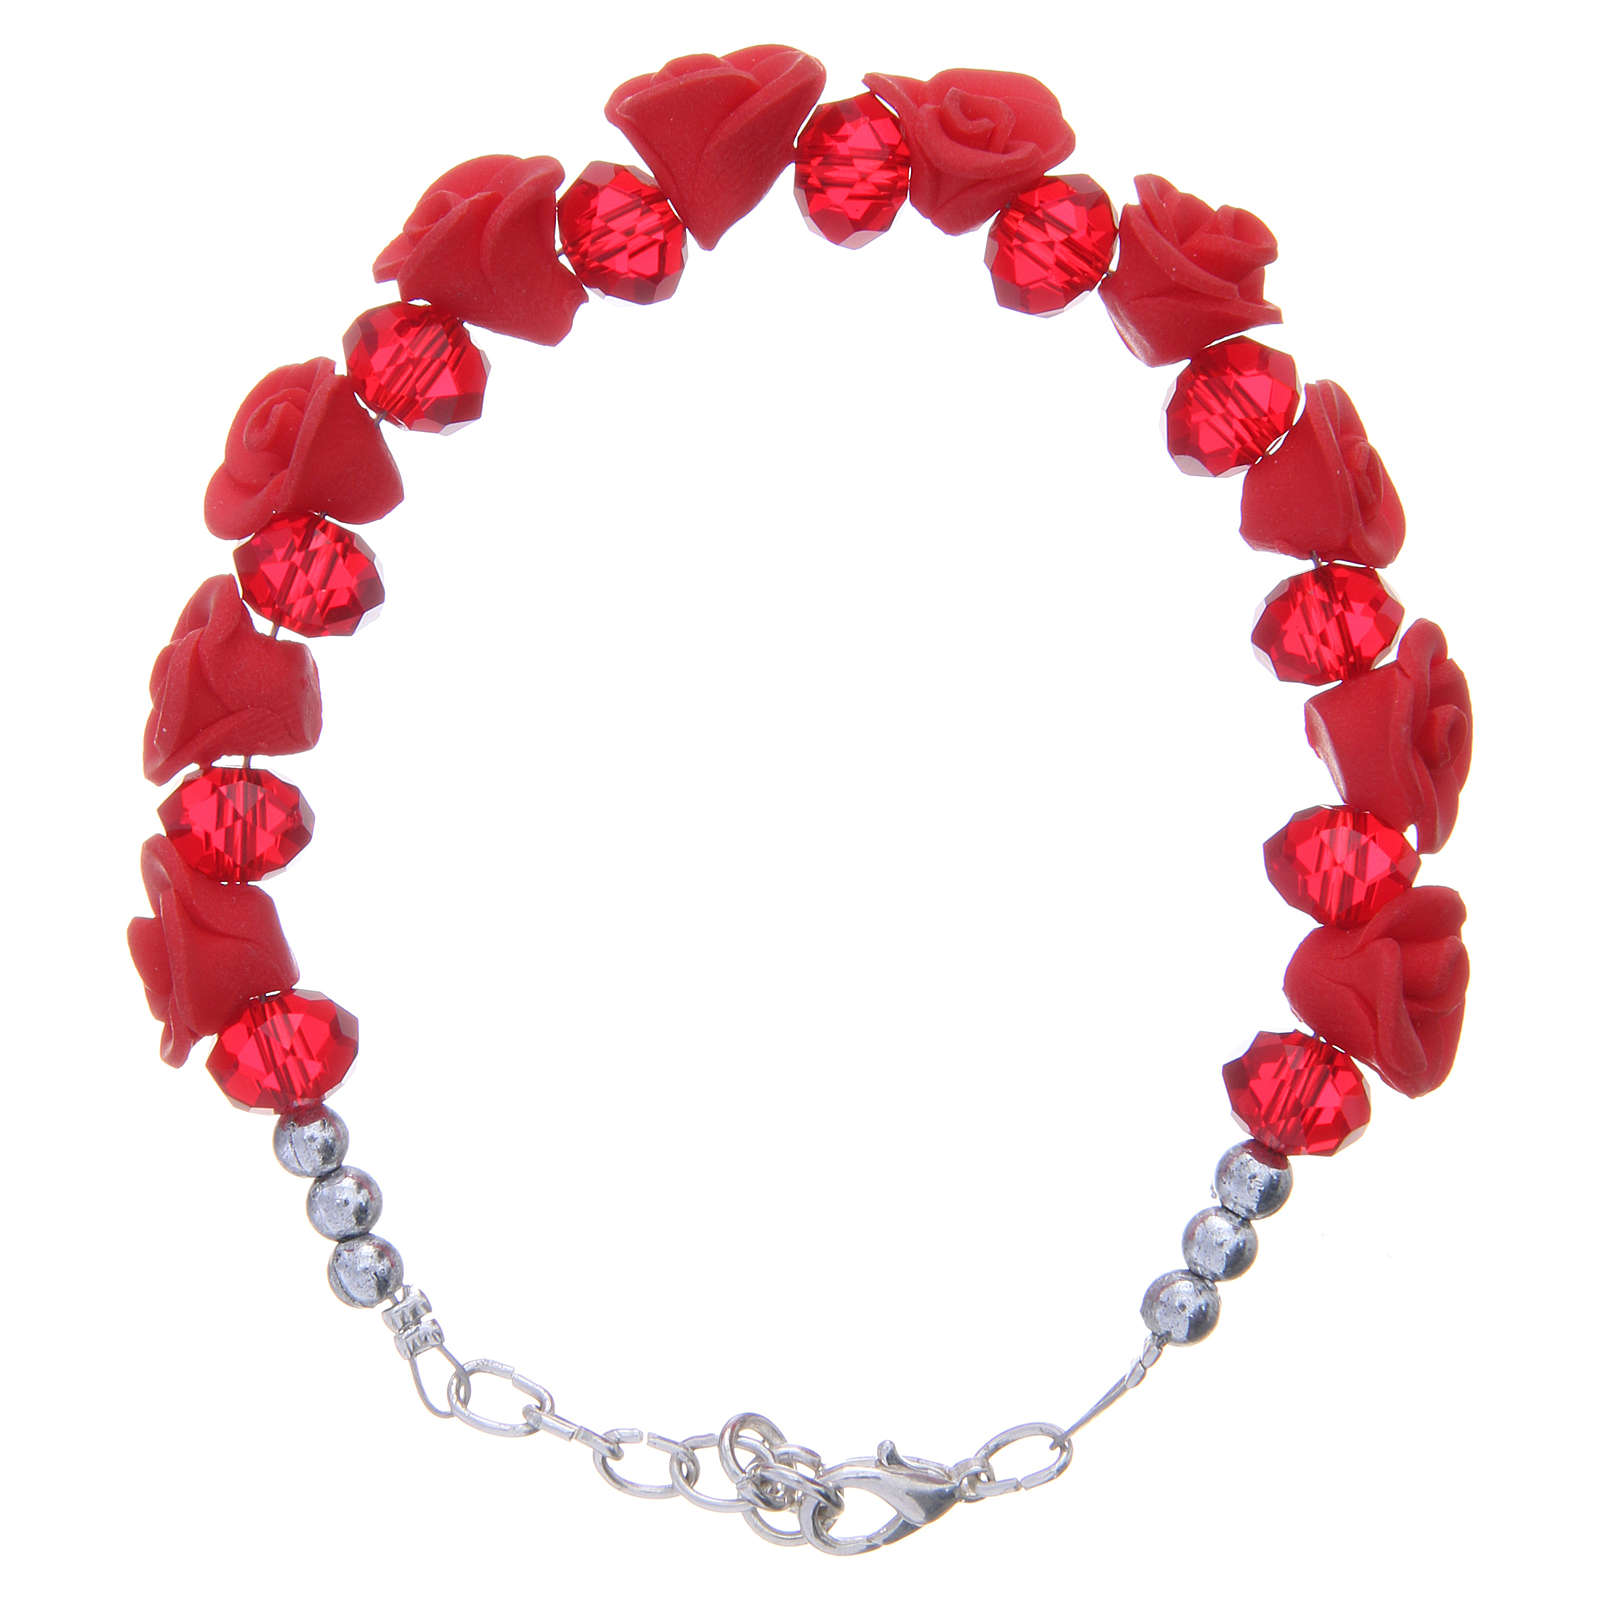 Bracelet Medjugorje roses rouges céramique grains cristal 4